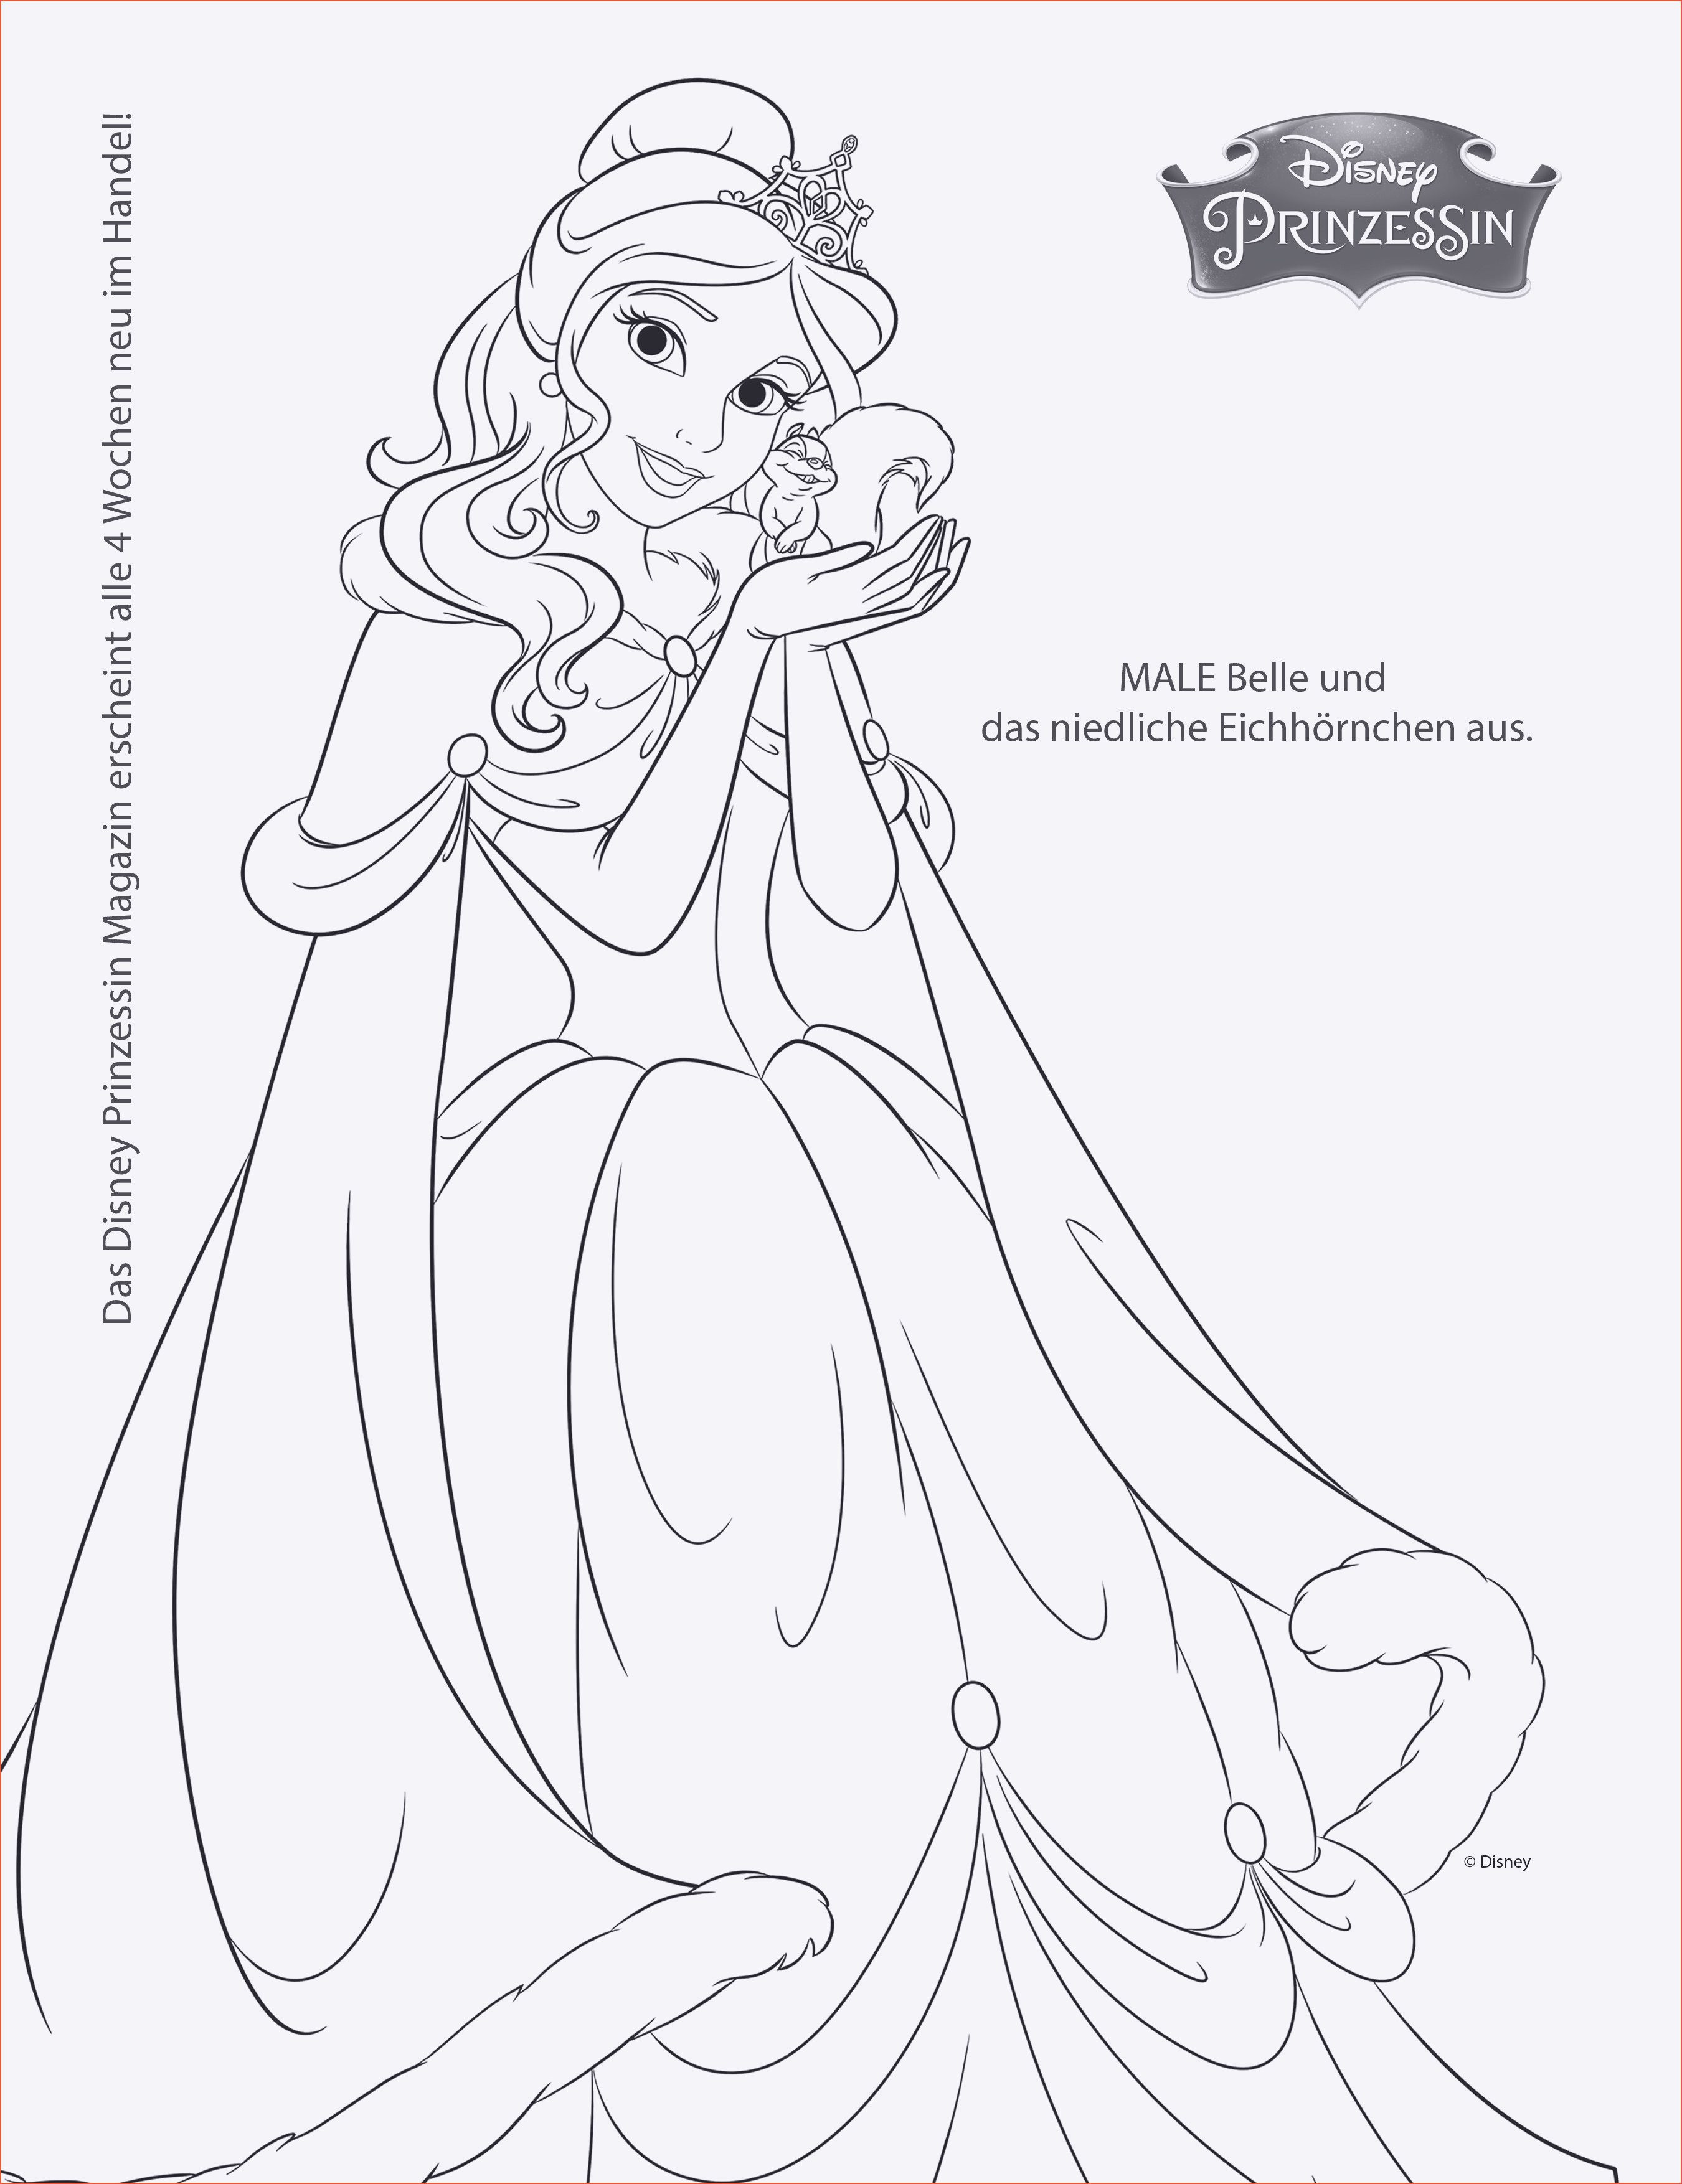 Ausmalbilder Disney Prinzessin Neu Malvorlagen Disney Frisch 2 Malvorlagen Disney Ausmalbilder Bild